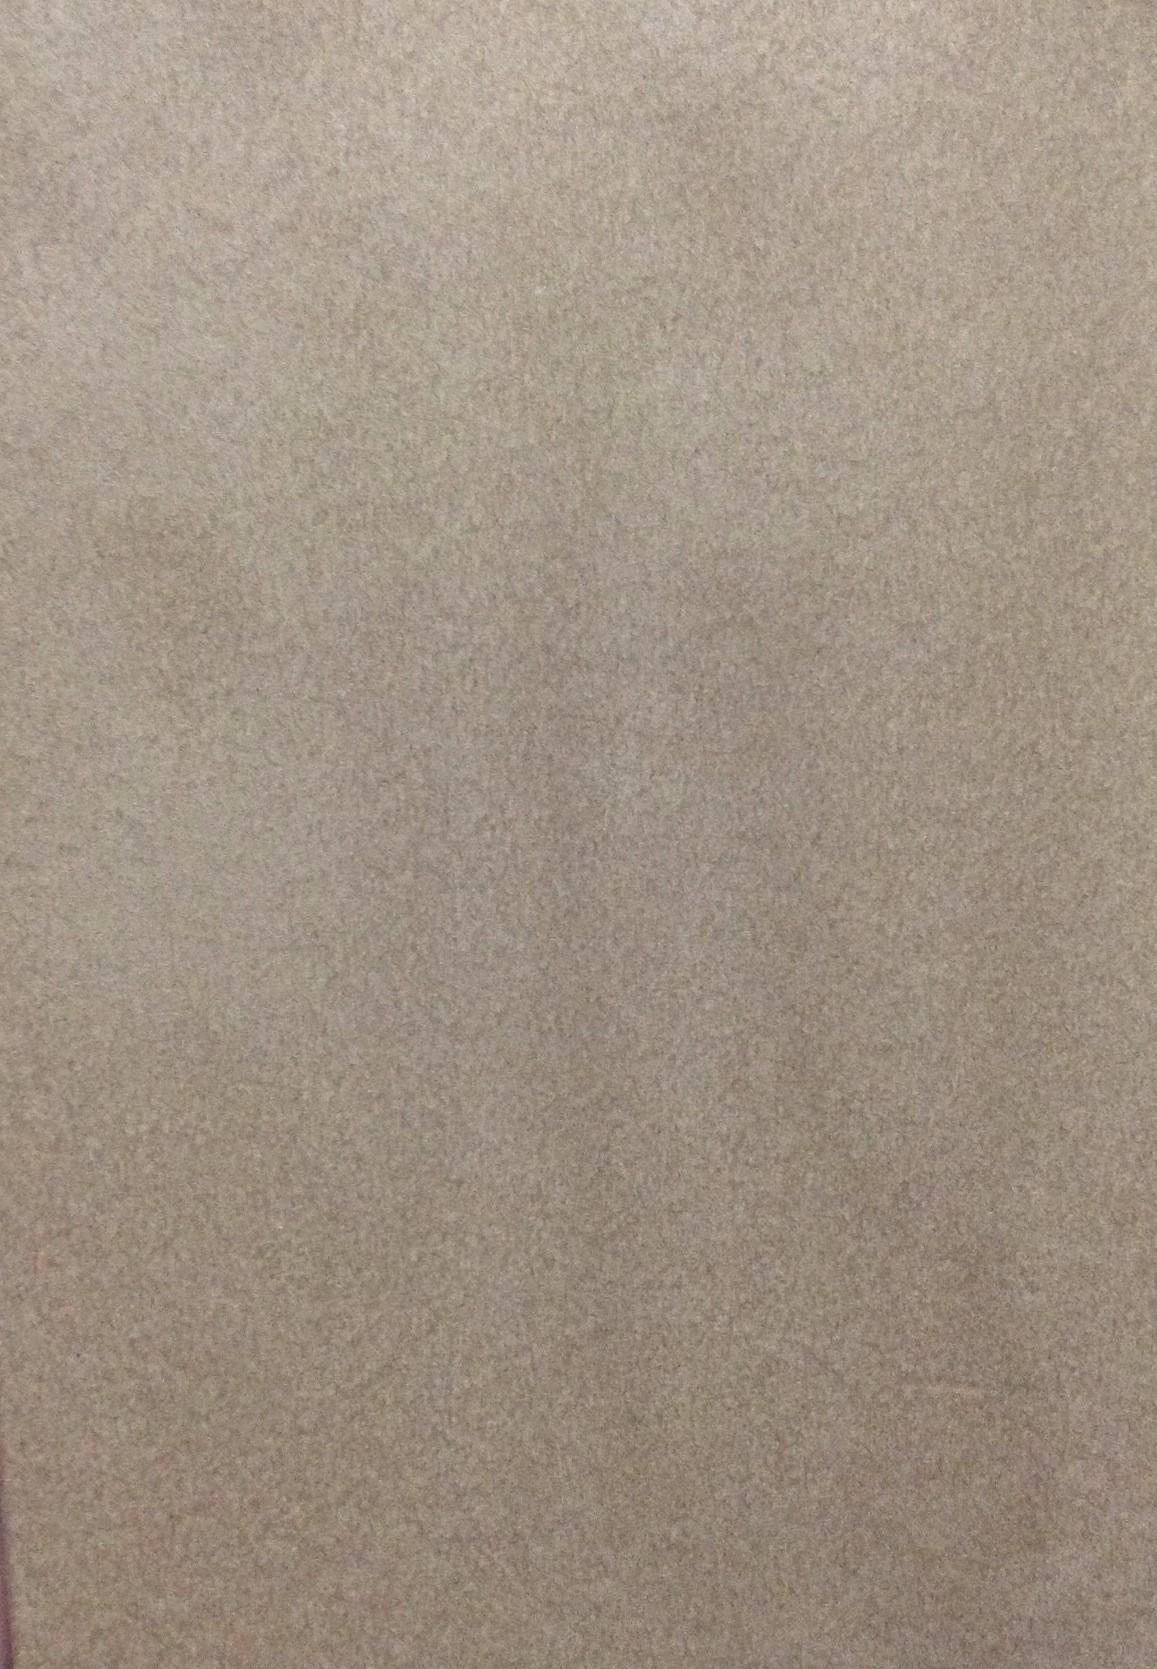 高円寺で紙のブックカバー を買う